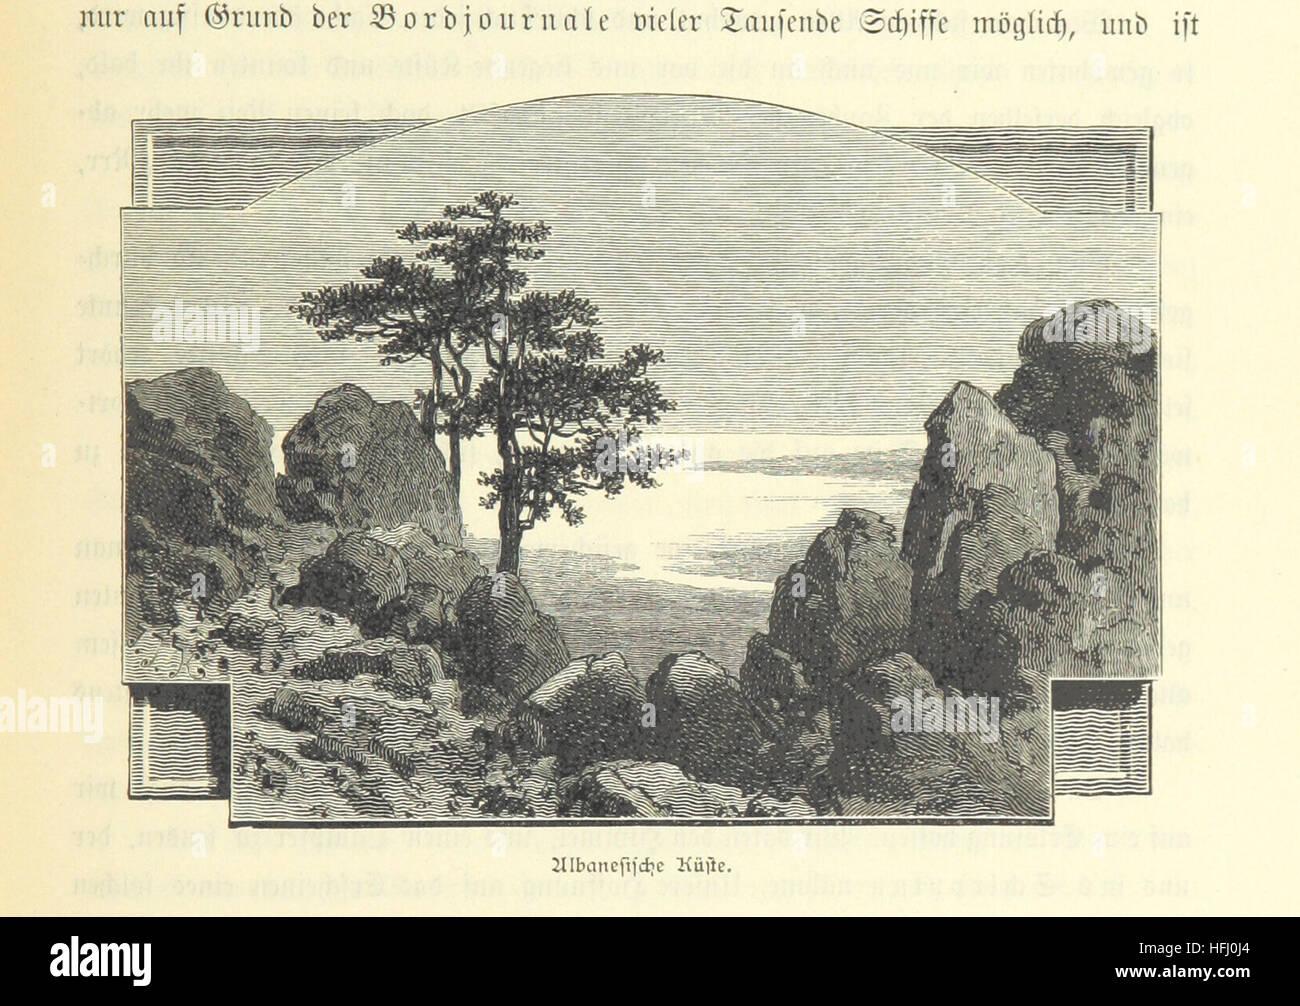 Sturmsegeln  Image taken from page 193 of 'Viertausend Meilen unter Sturmsegeln ...